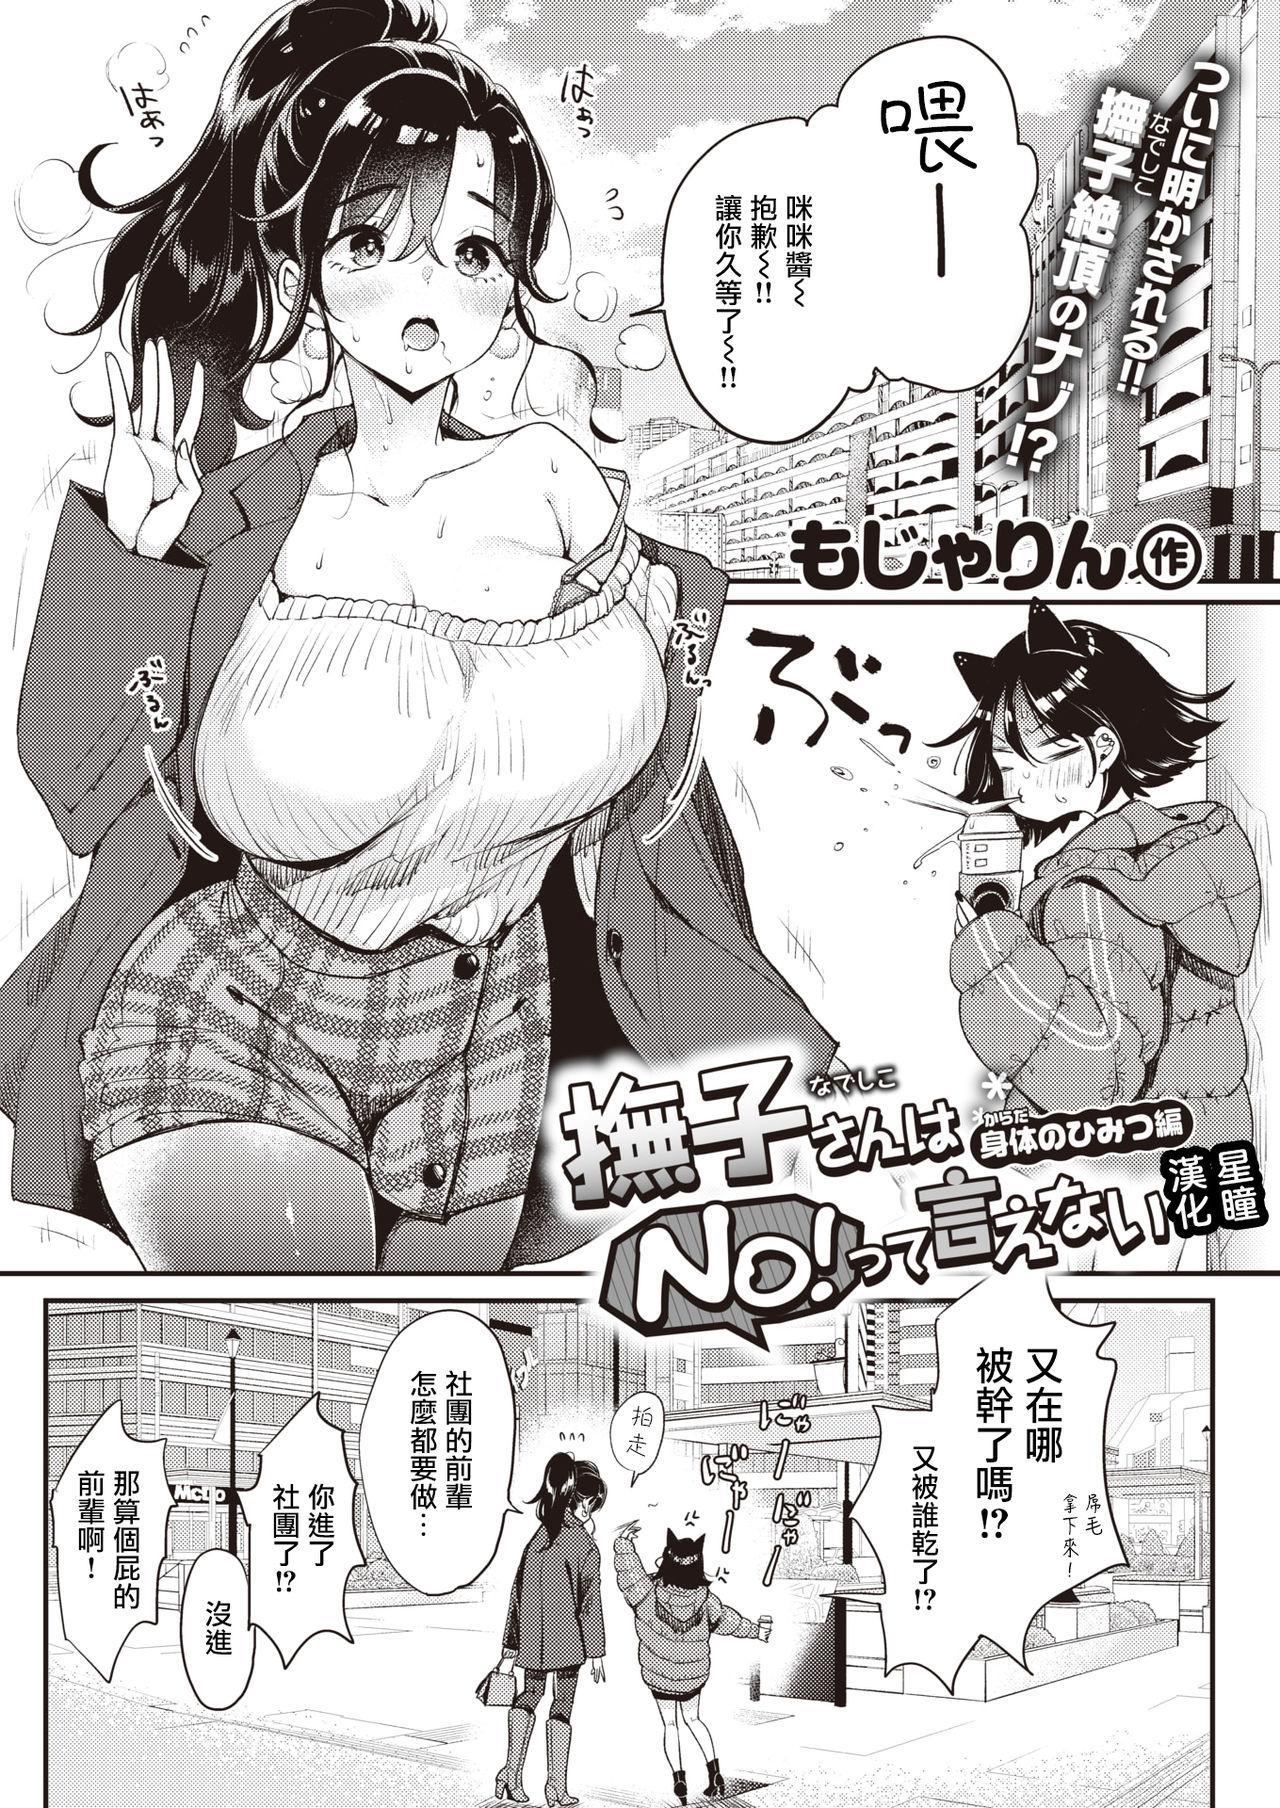 Nadeshiko-san wa NO!tte Ienai Karada no Himitsu Hen 0